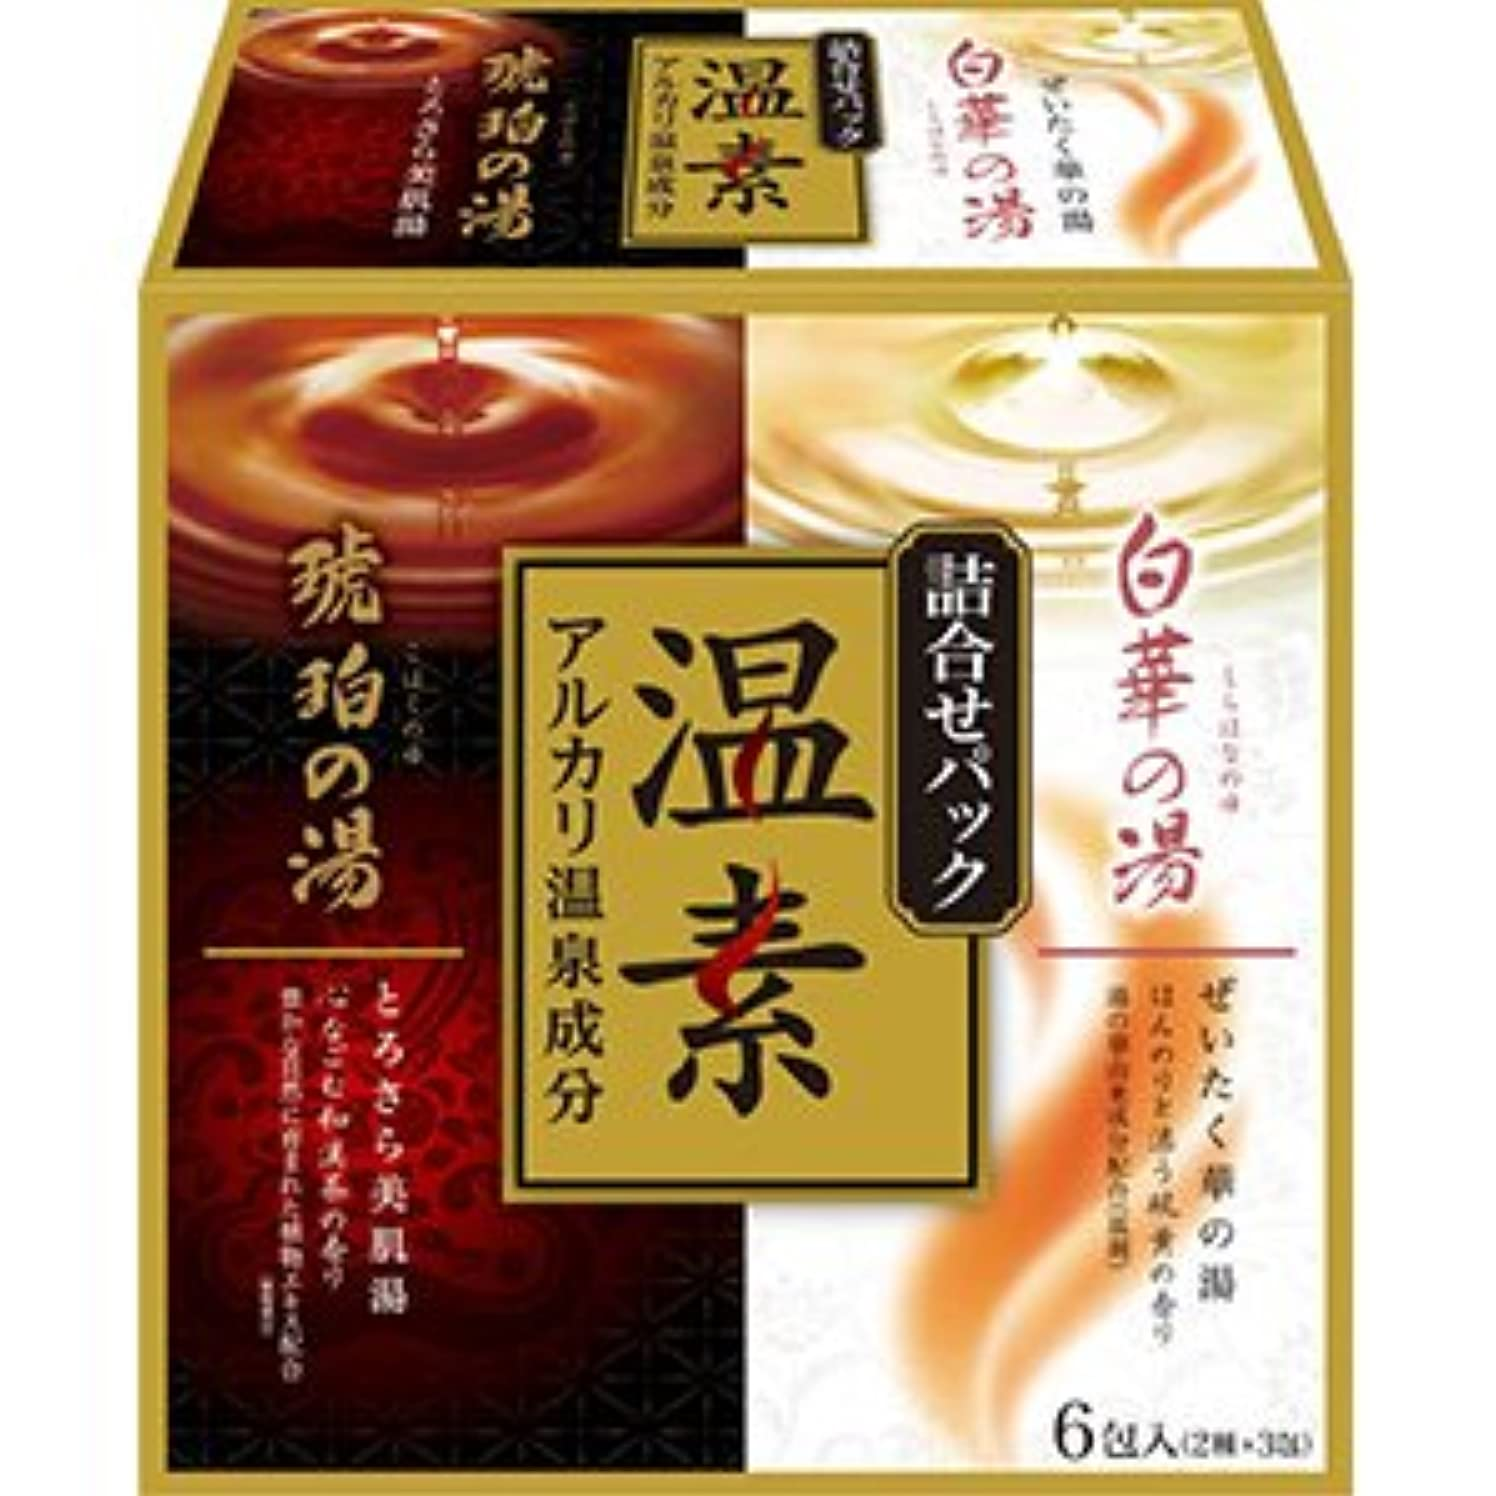 公爵フェンス密接に温素 琥珀の湯&白華の湯 詰合せパック × 16個セット